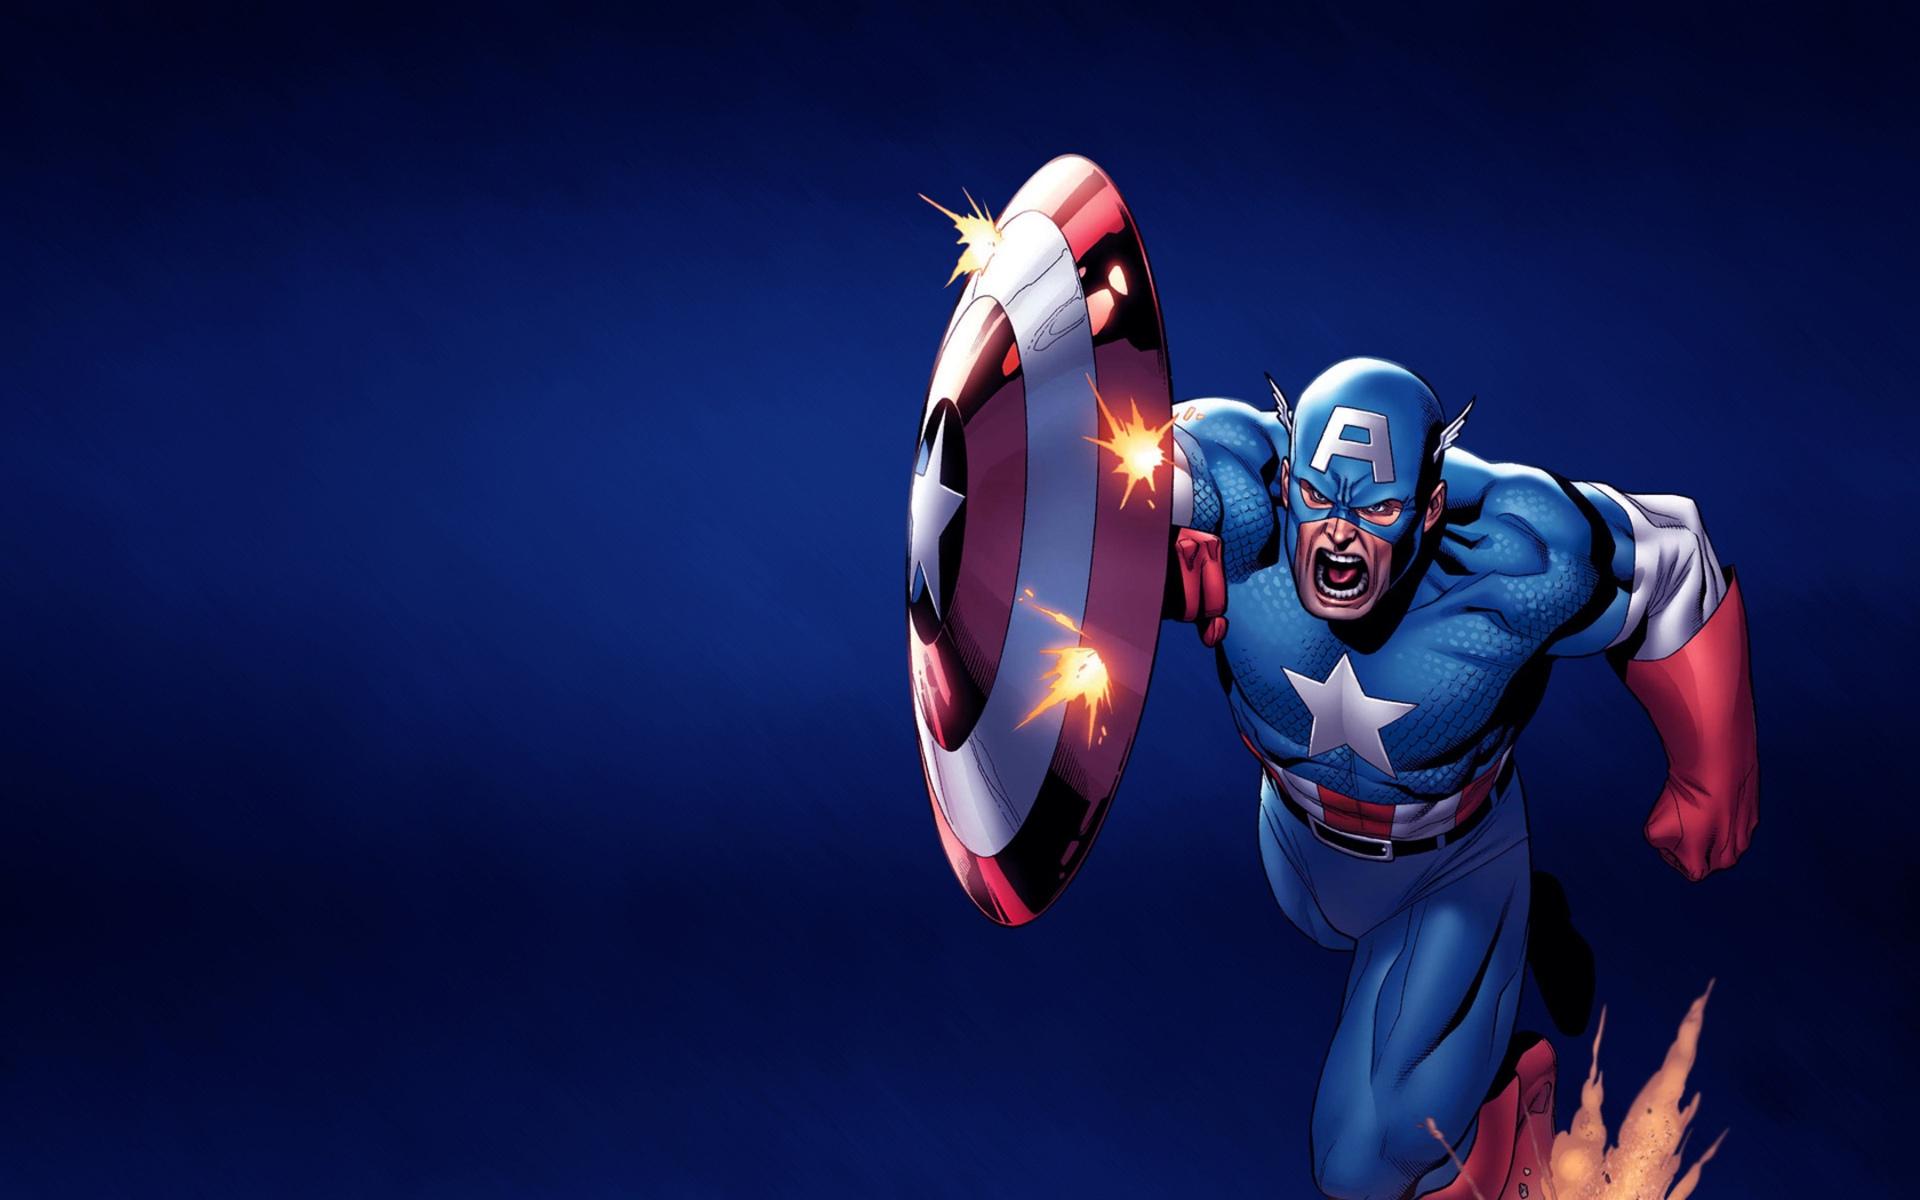 Beautiful Wallpaper Mobile Captain America - Captain-America-Images-Wallpapers-040  Best Photo Reference_557873.jpg